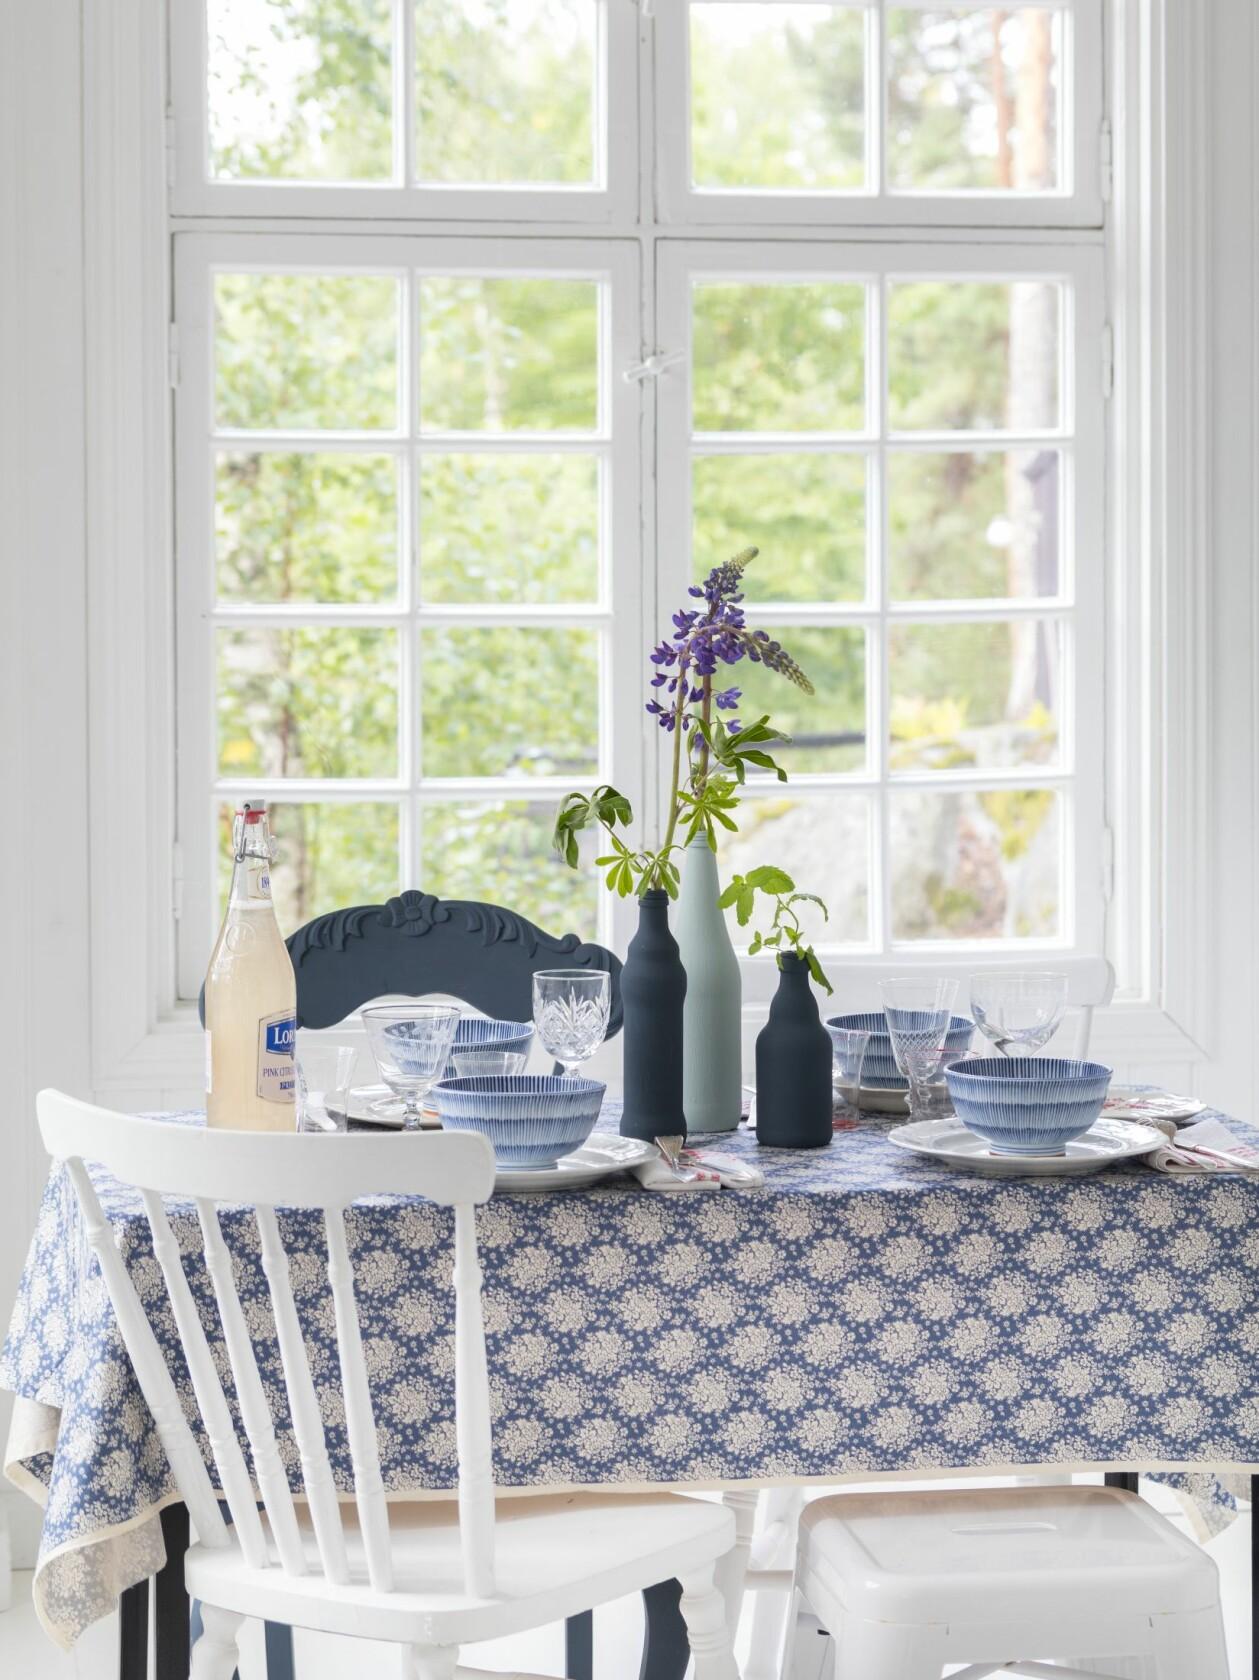 Blåvitt kök med stort fönster i bakgrunden